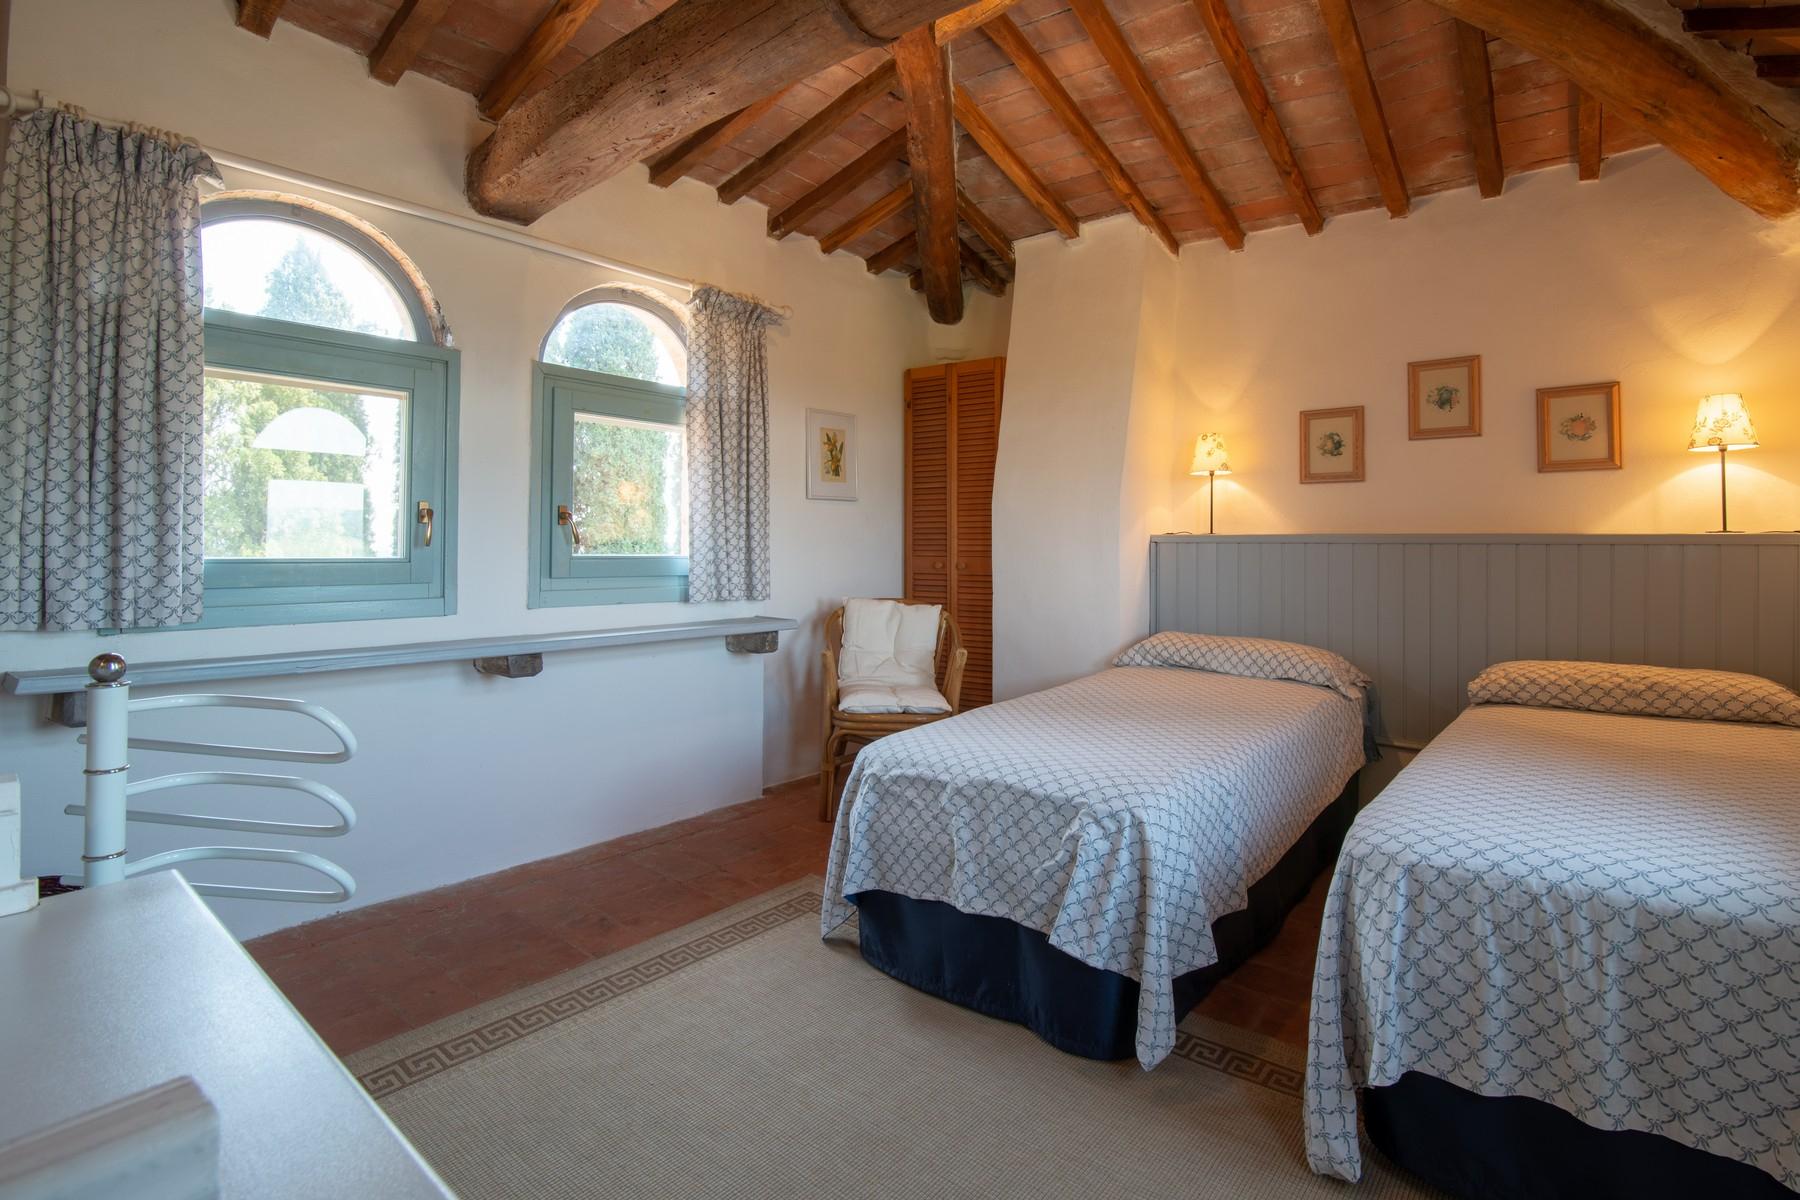 Rustico in Vendita a San Gimignano: 5 locali, 615 mq - Foto 29